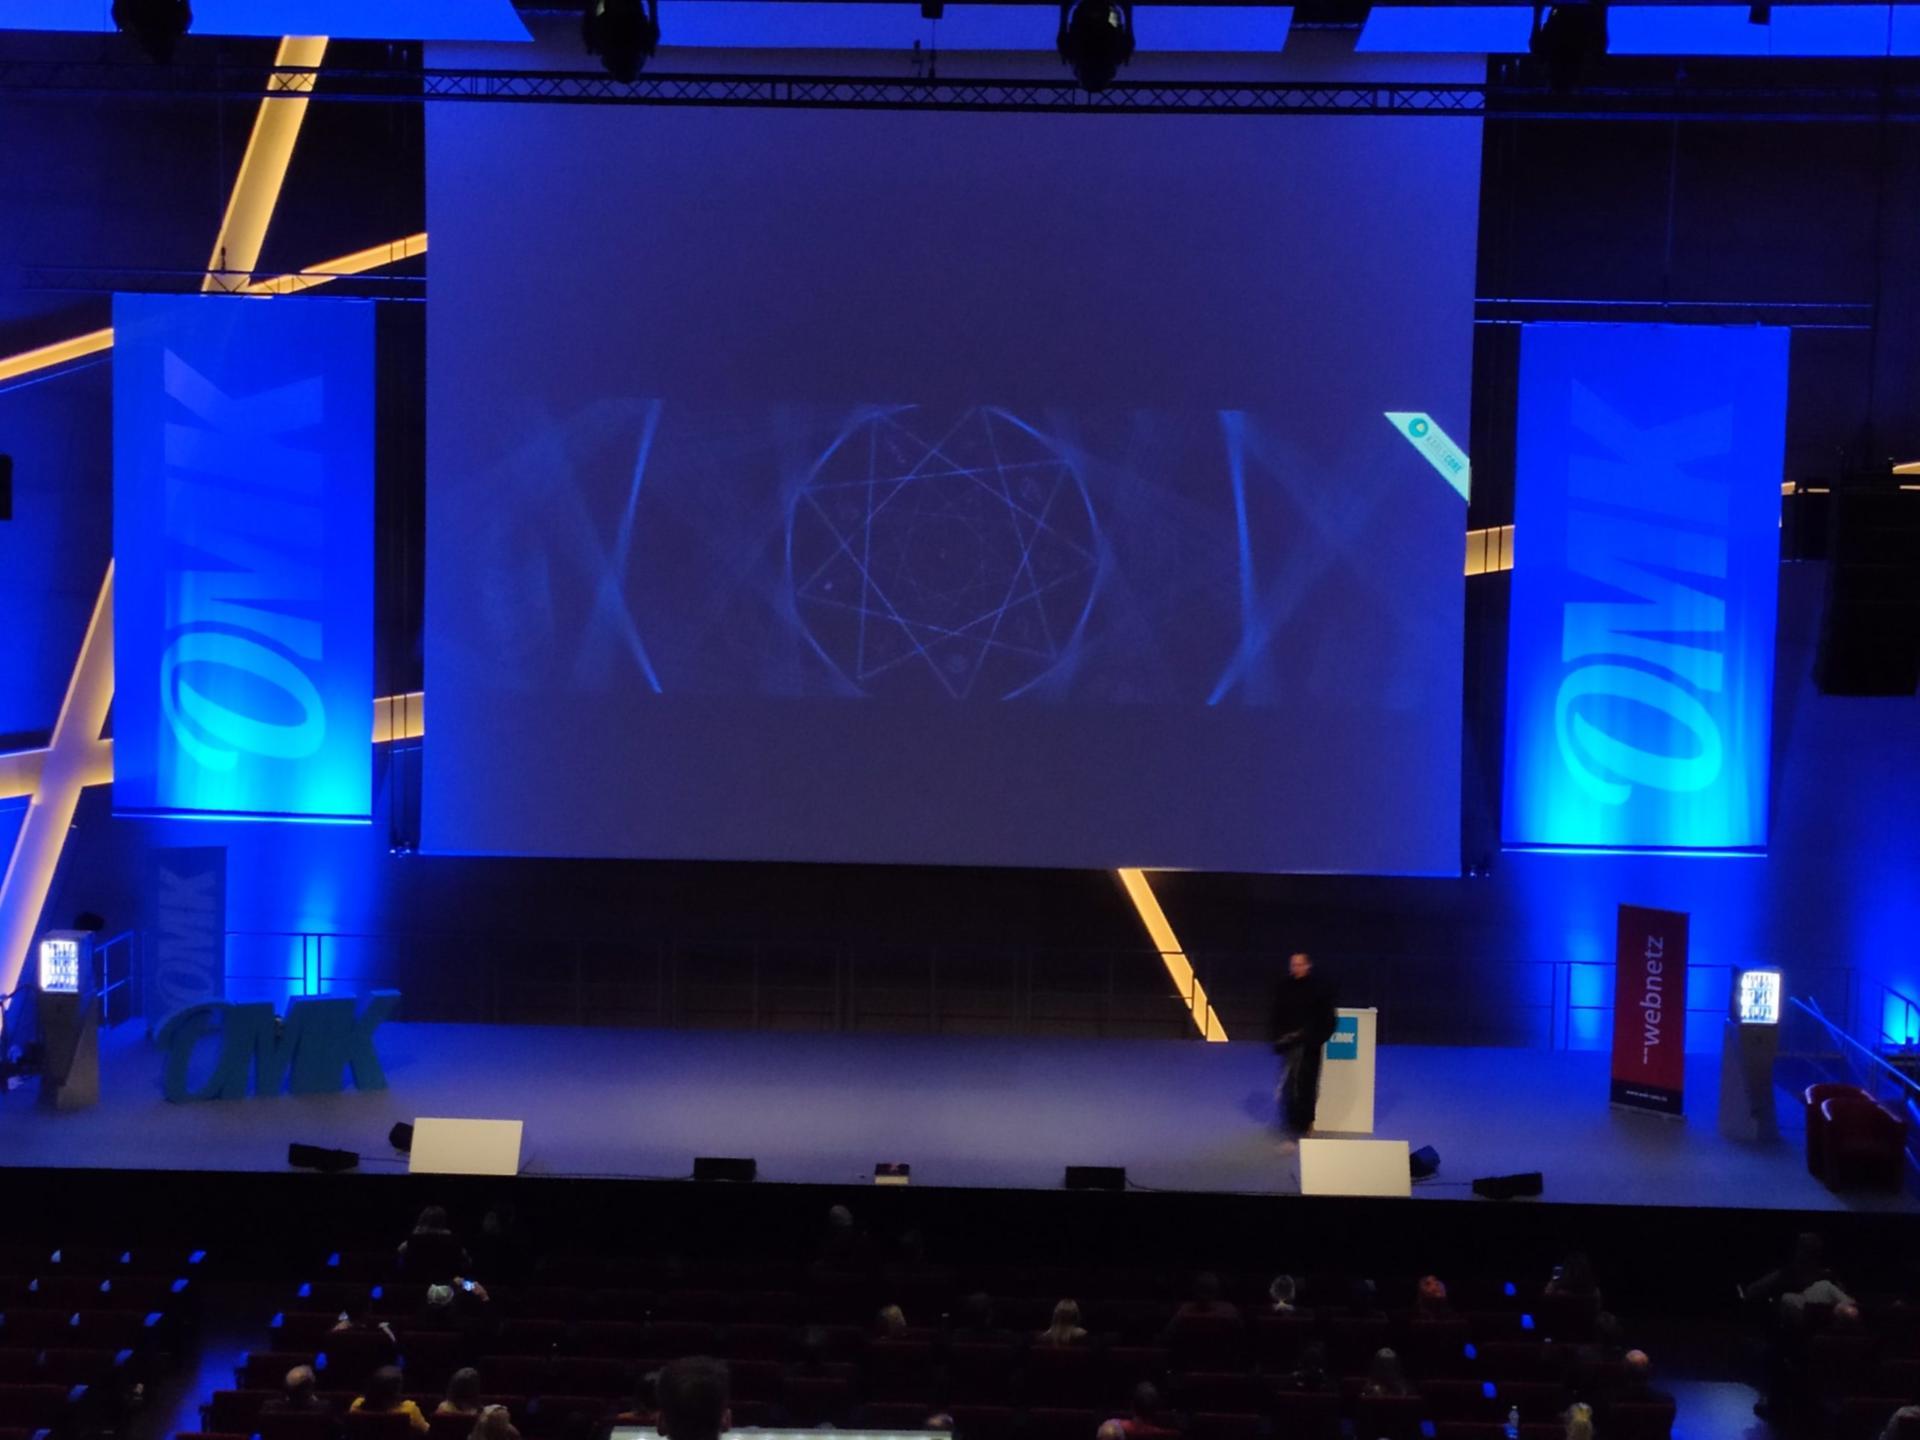 OMK 20190919 181823 scaled Konferenz: OMK 2019 - Die Online-Marketing-Konferenz in Lüneburg